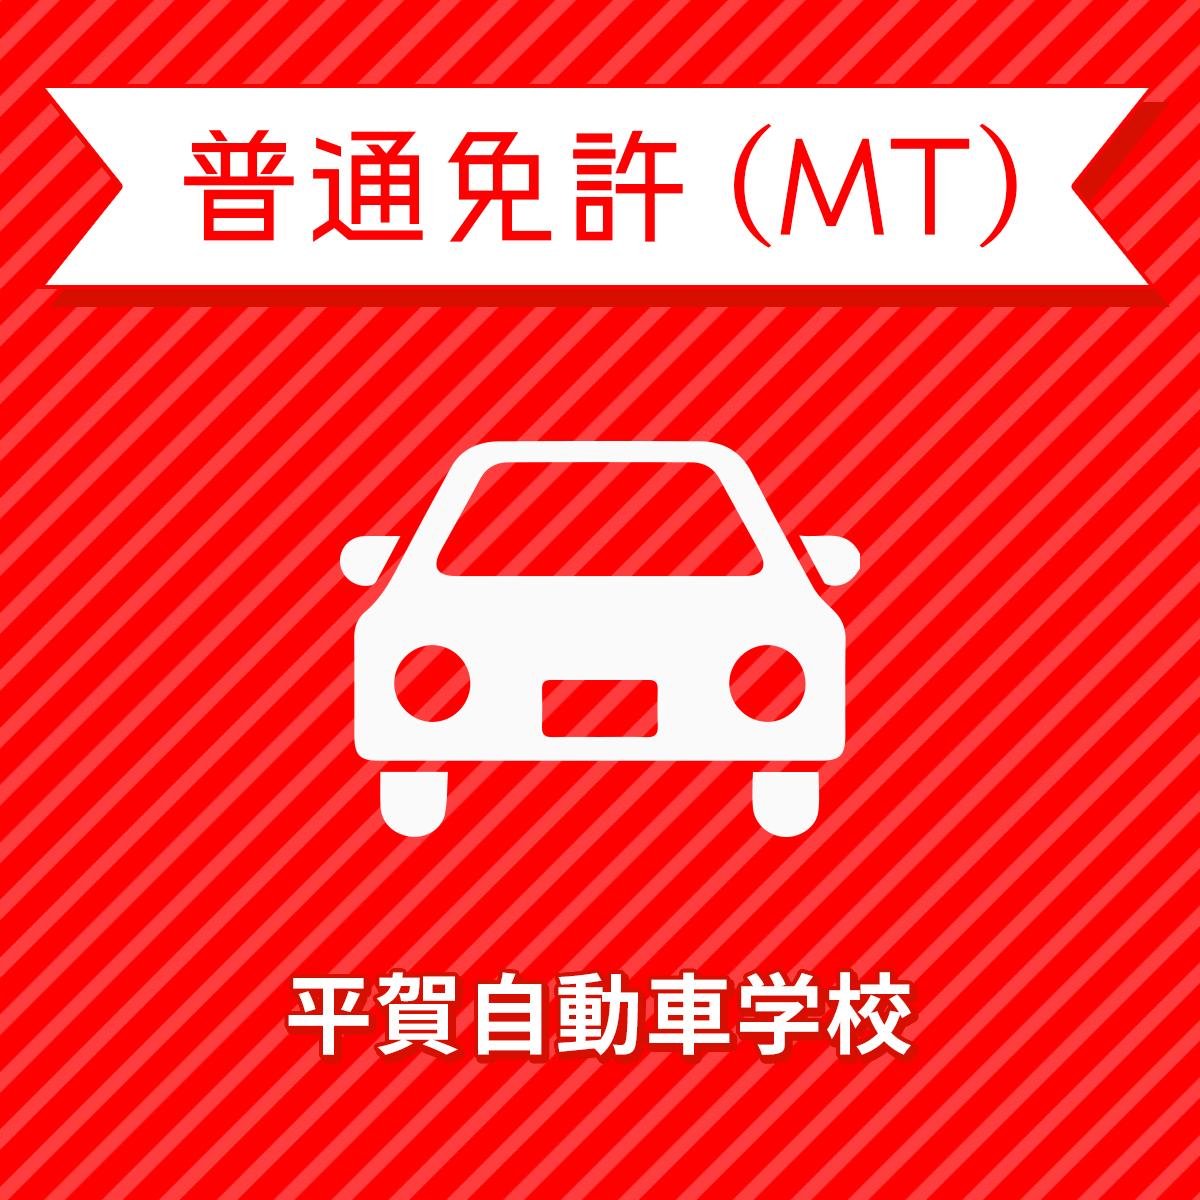 【青森県平川市】普通自動車(MT)